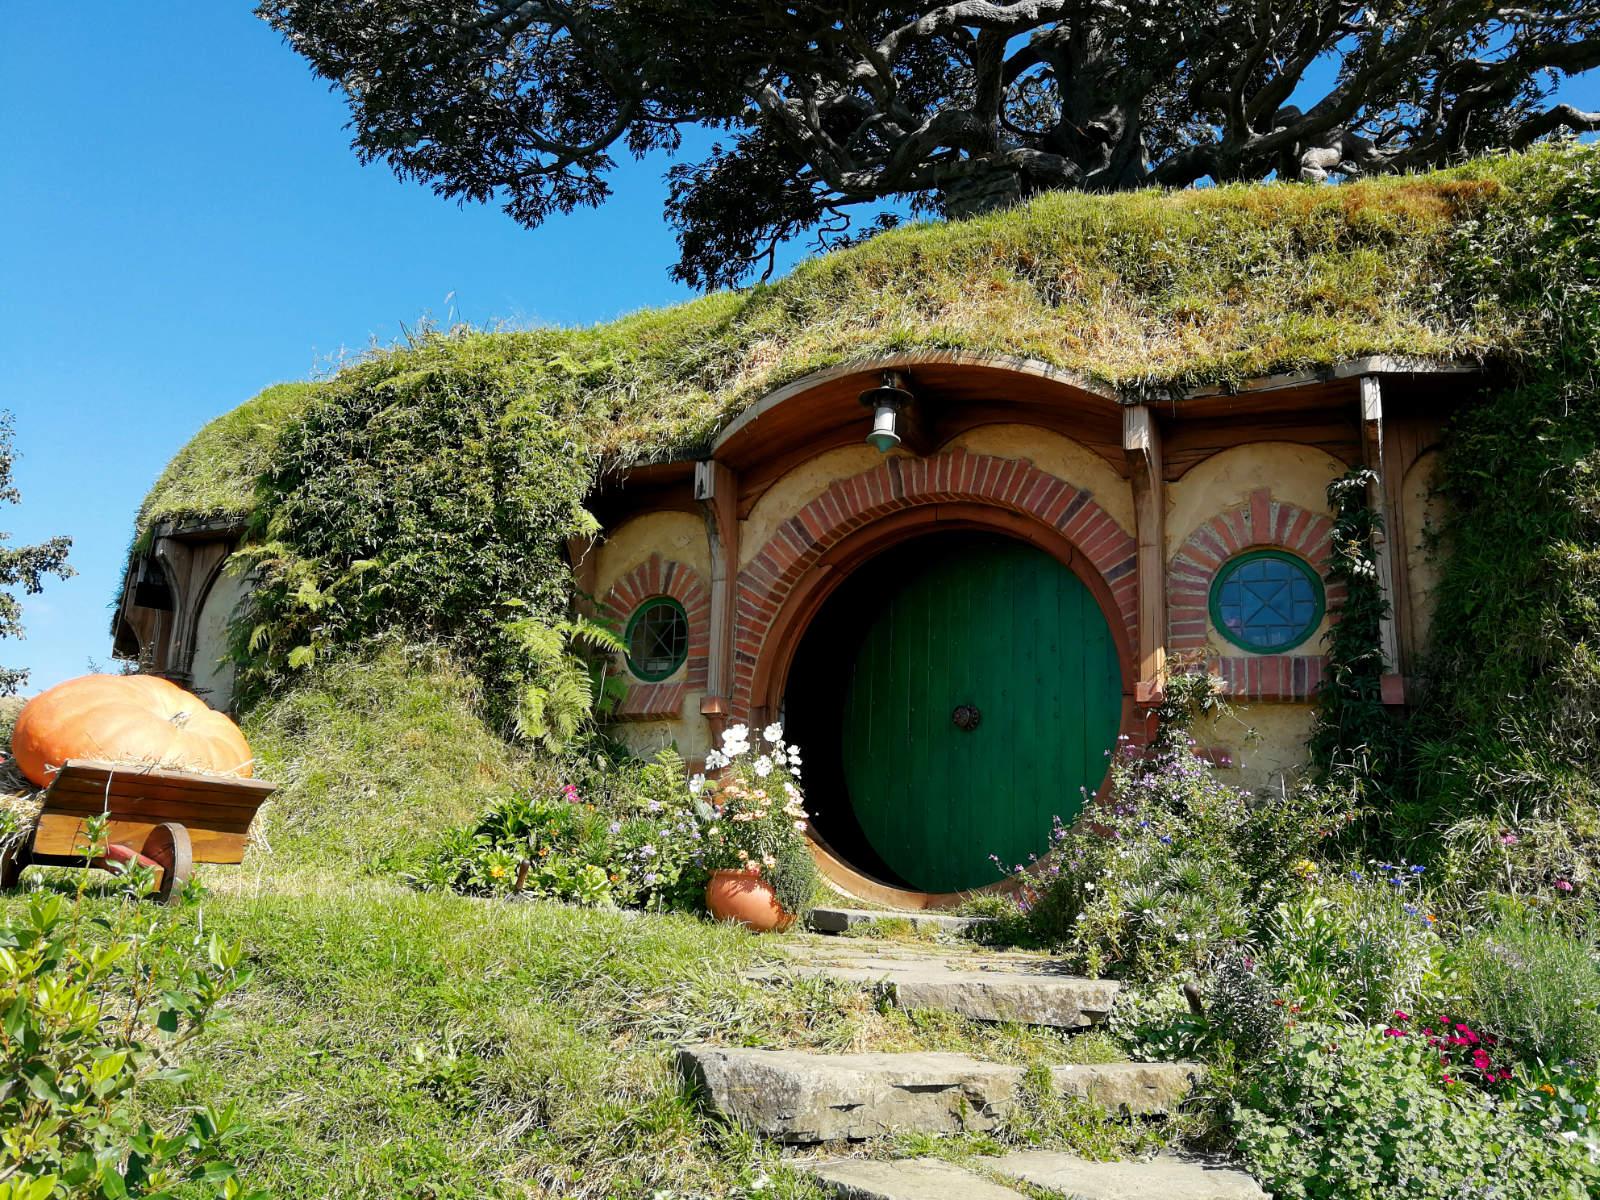 Hobbithöhle im Hobbiton Movie Set